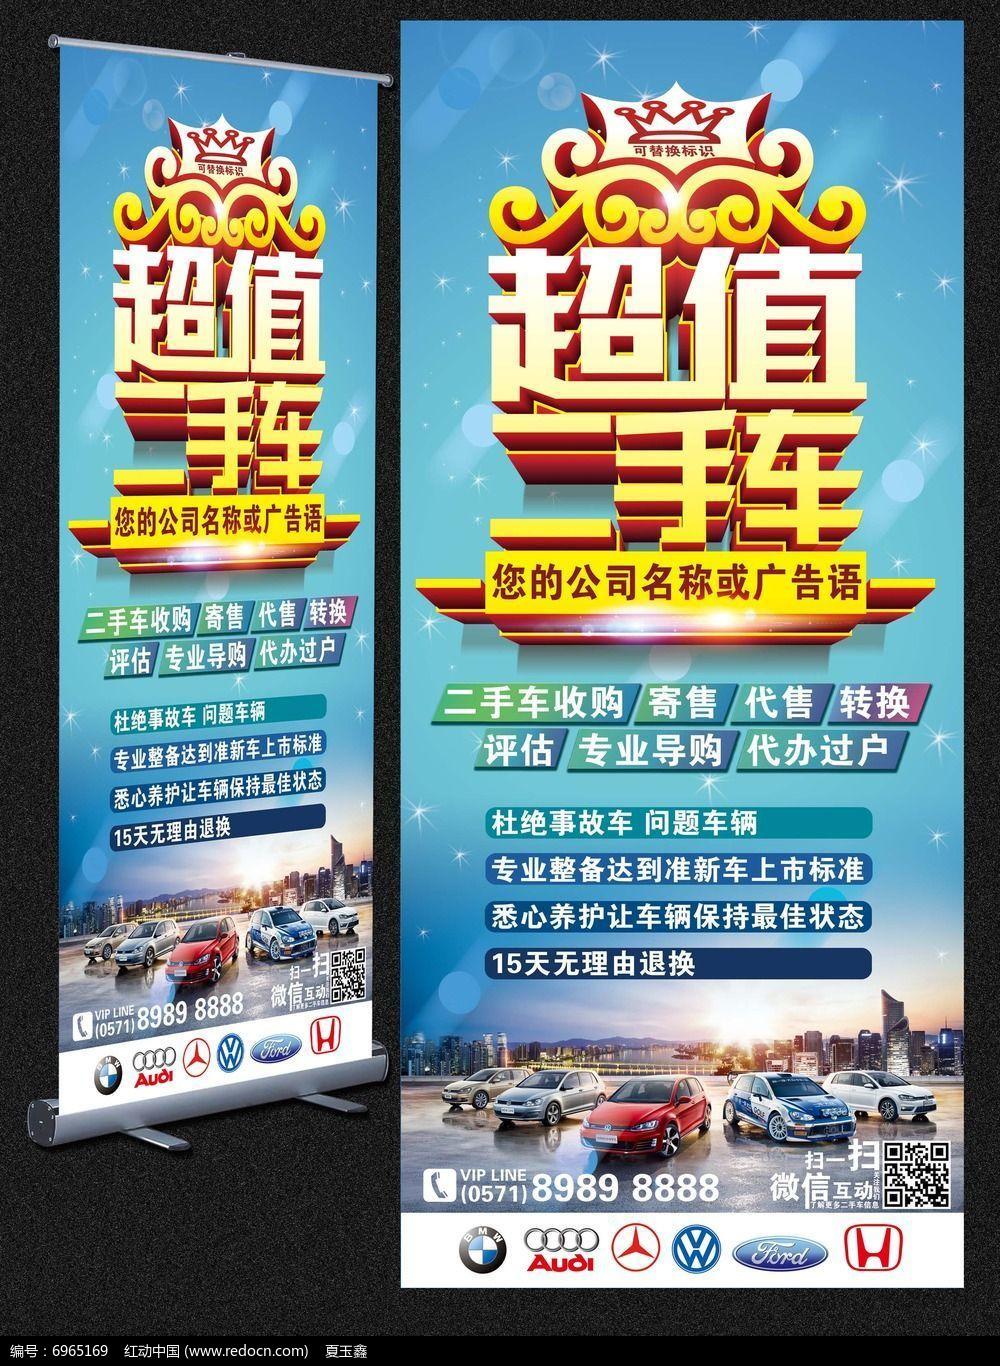 原创设计稿 海报设计/宣传单/广告牌 易拉宝 超值二手车销售展架  请